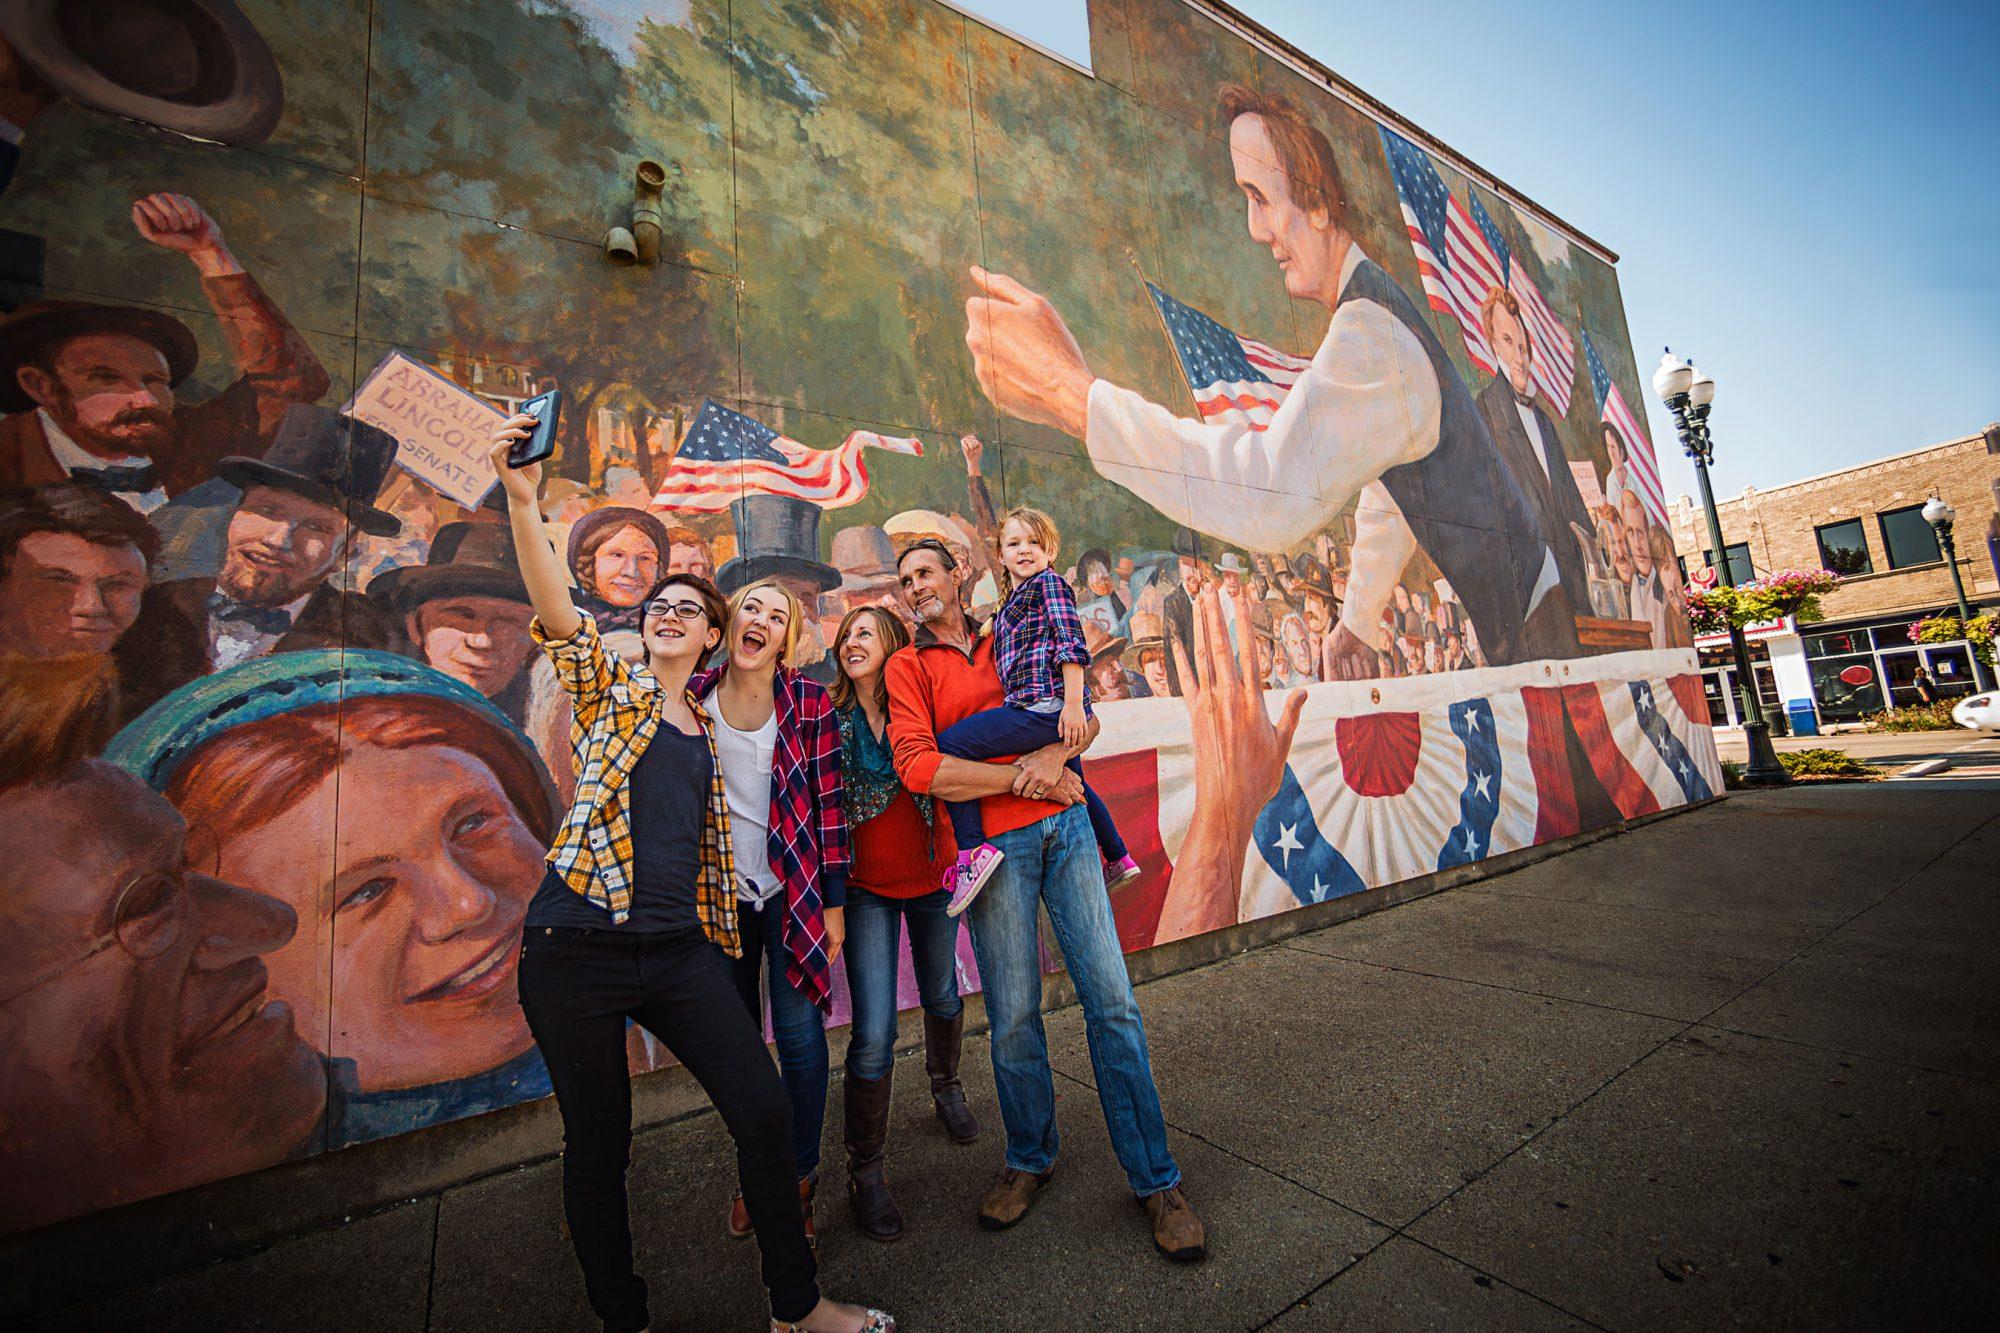 Ottawa murals